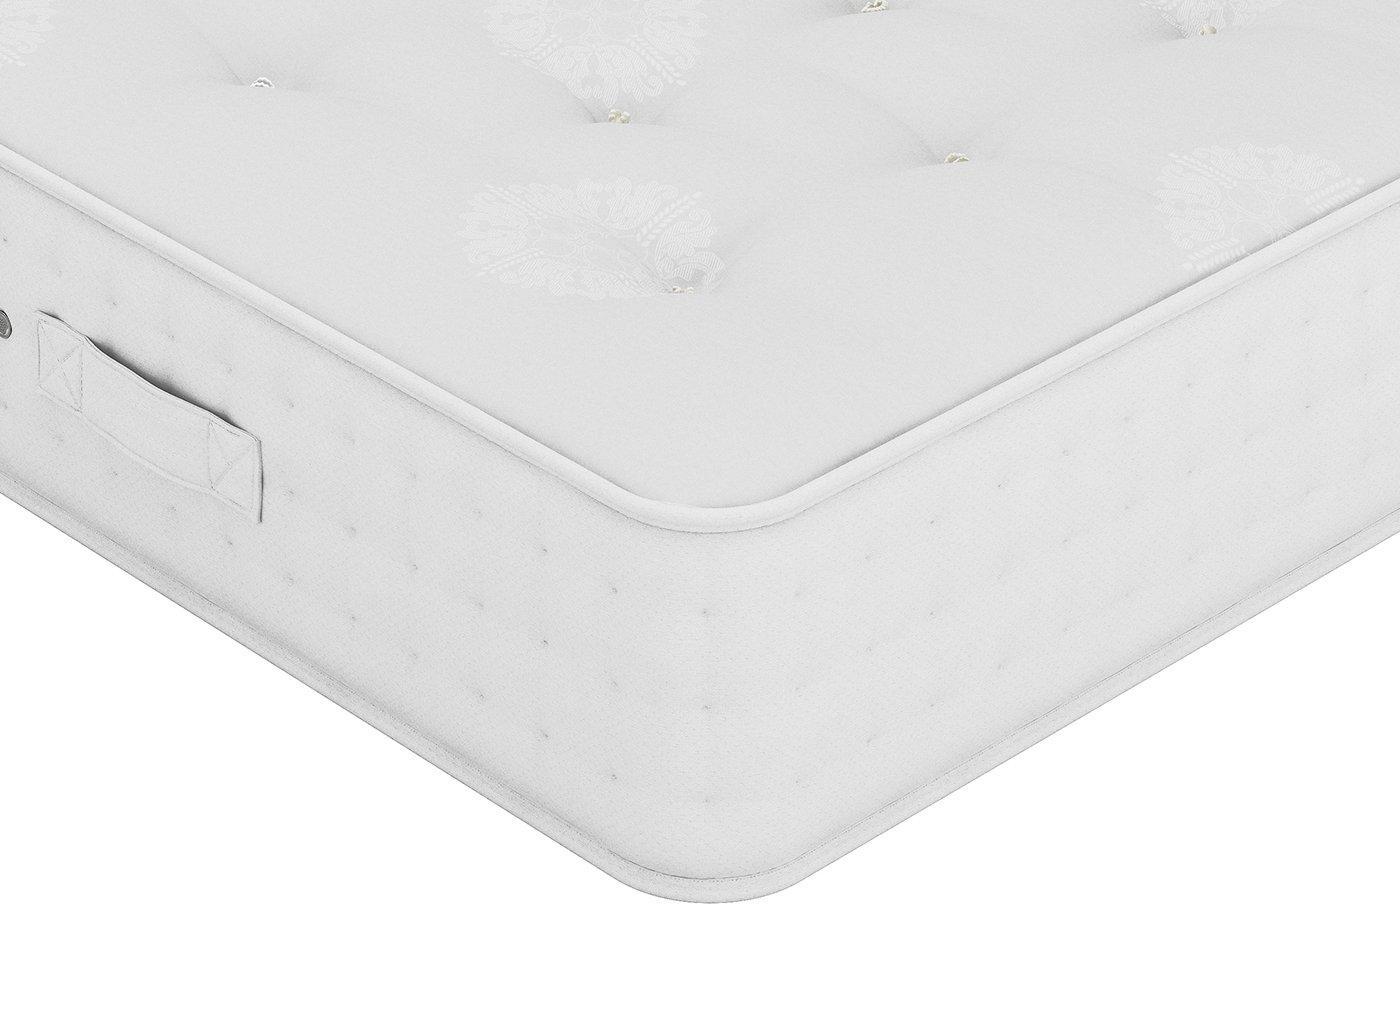 contract-webber-pocket-sprung-mattress